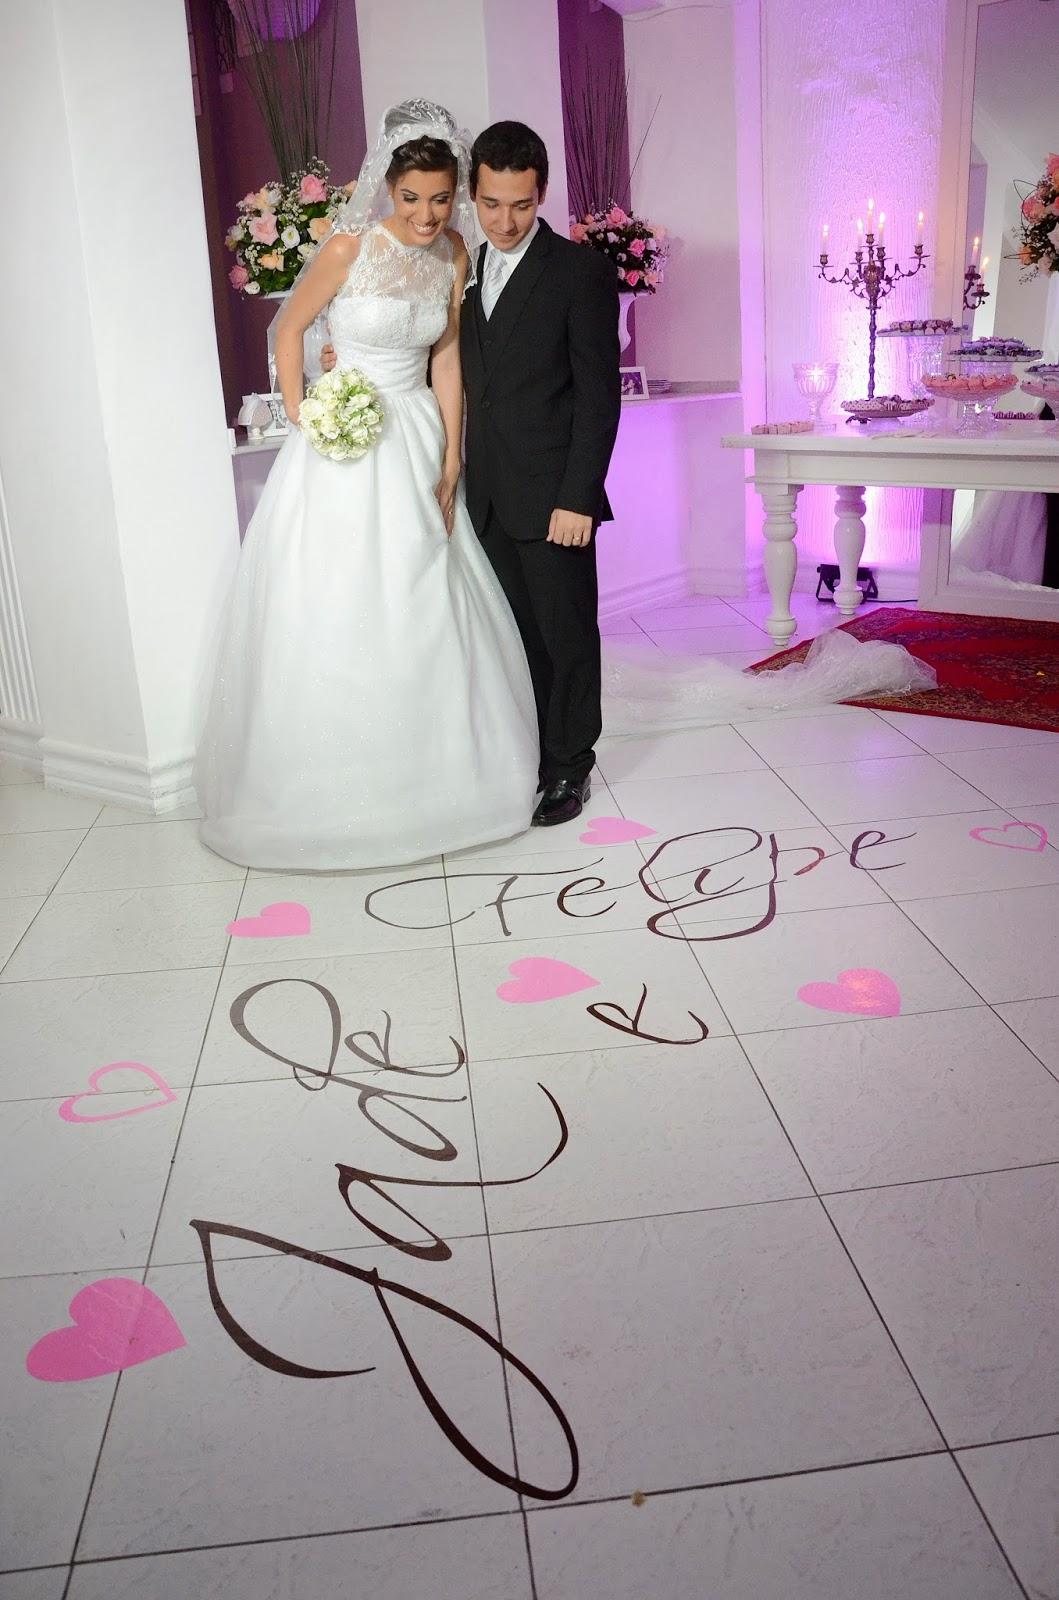 festa - recepção - noivos - bouquet - nome dos noivos no chão - nome dos noivos na pista de dança